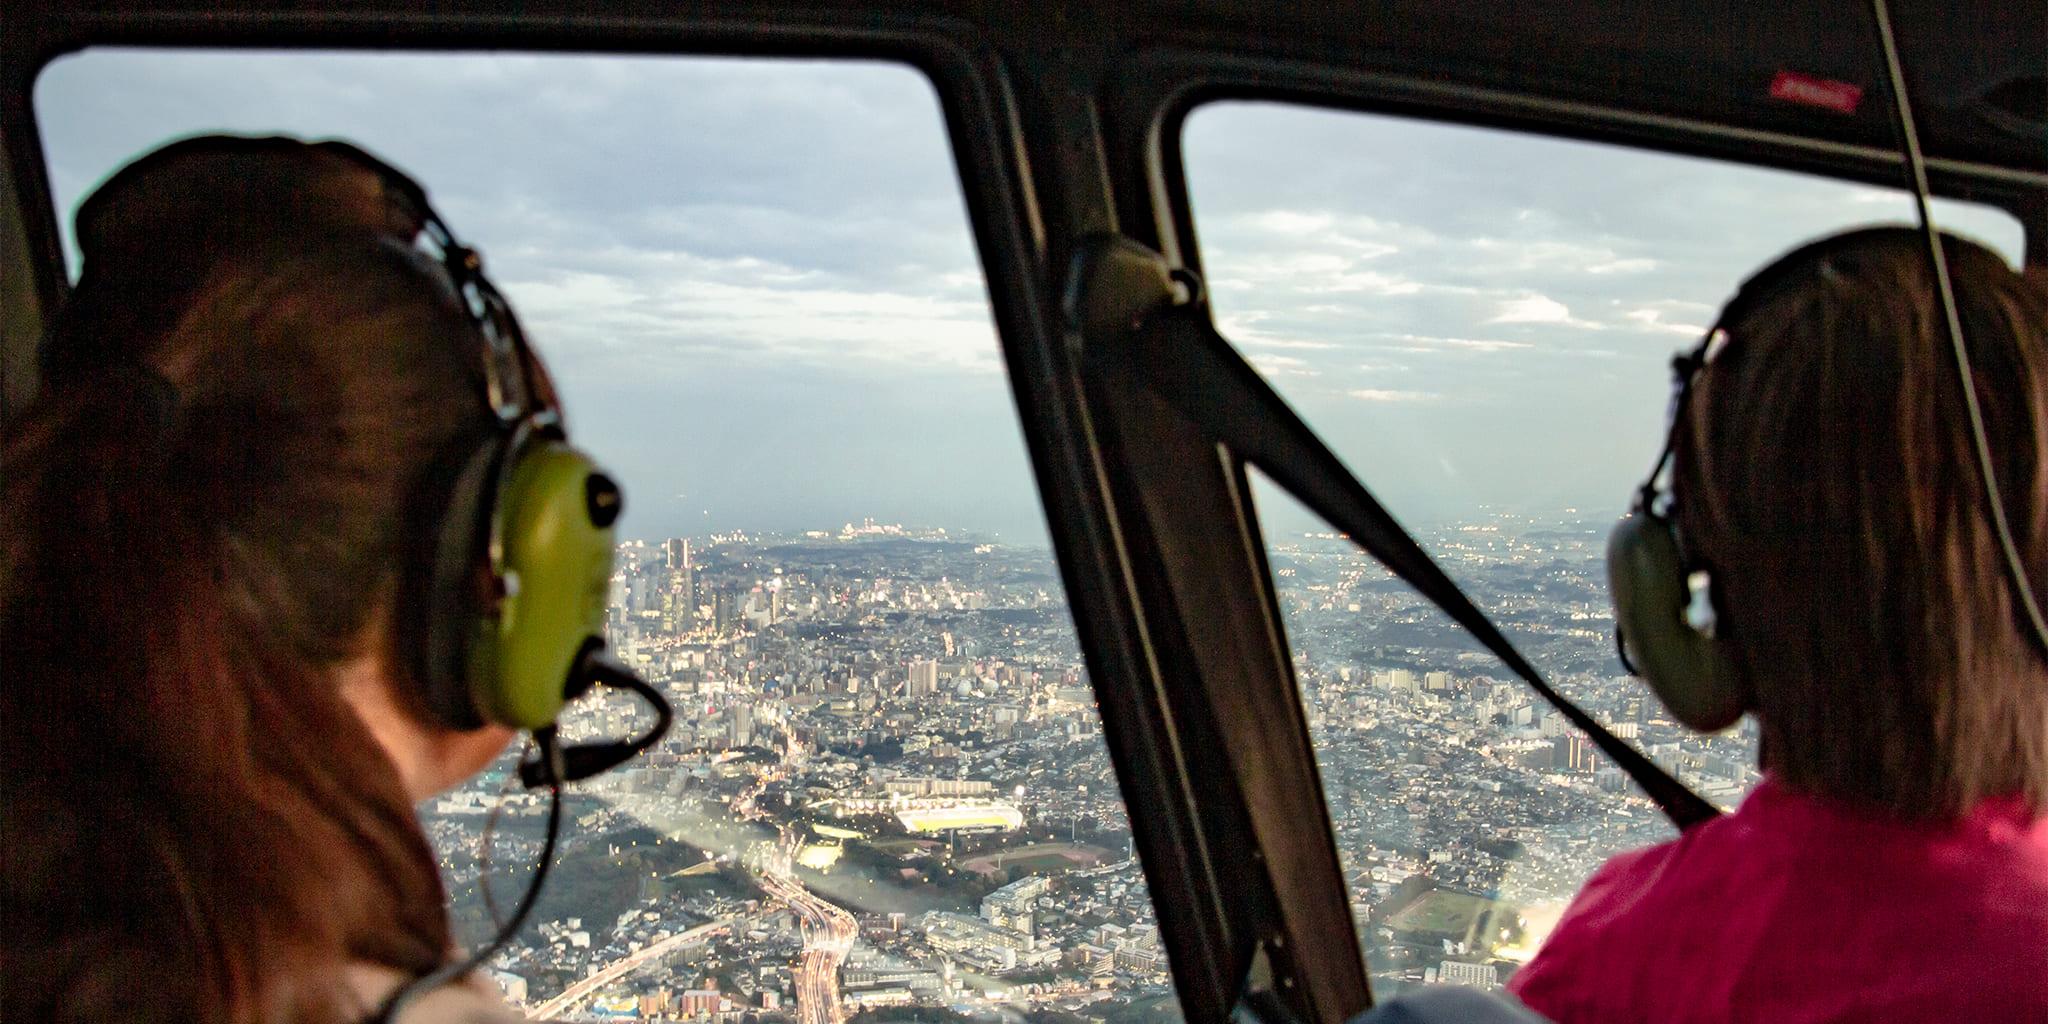 ヘリコプターで東京上空をフライトして見える横浜